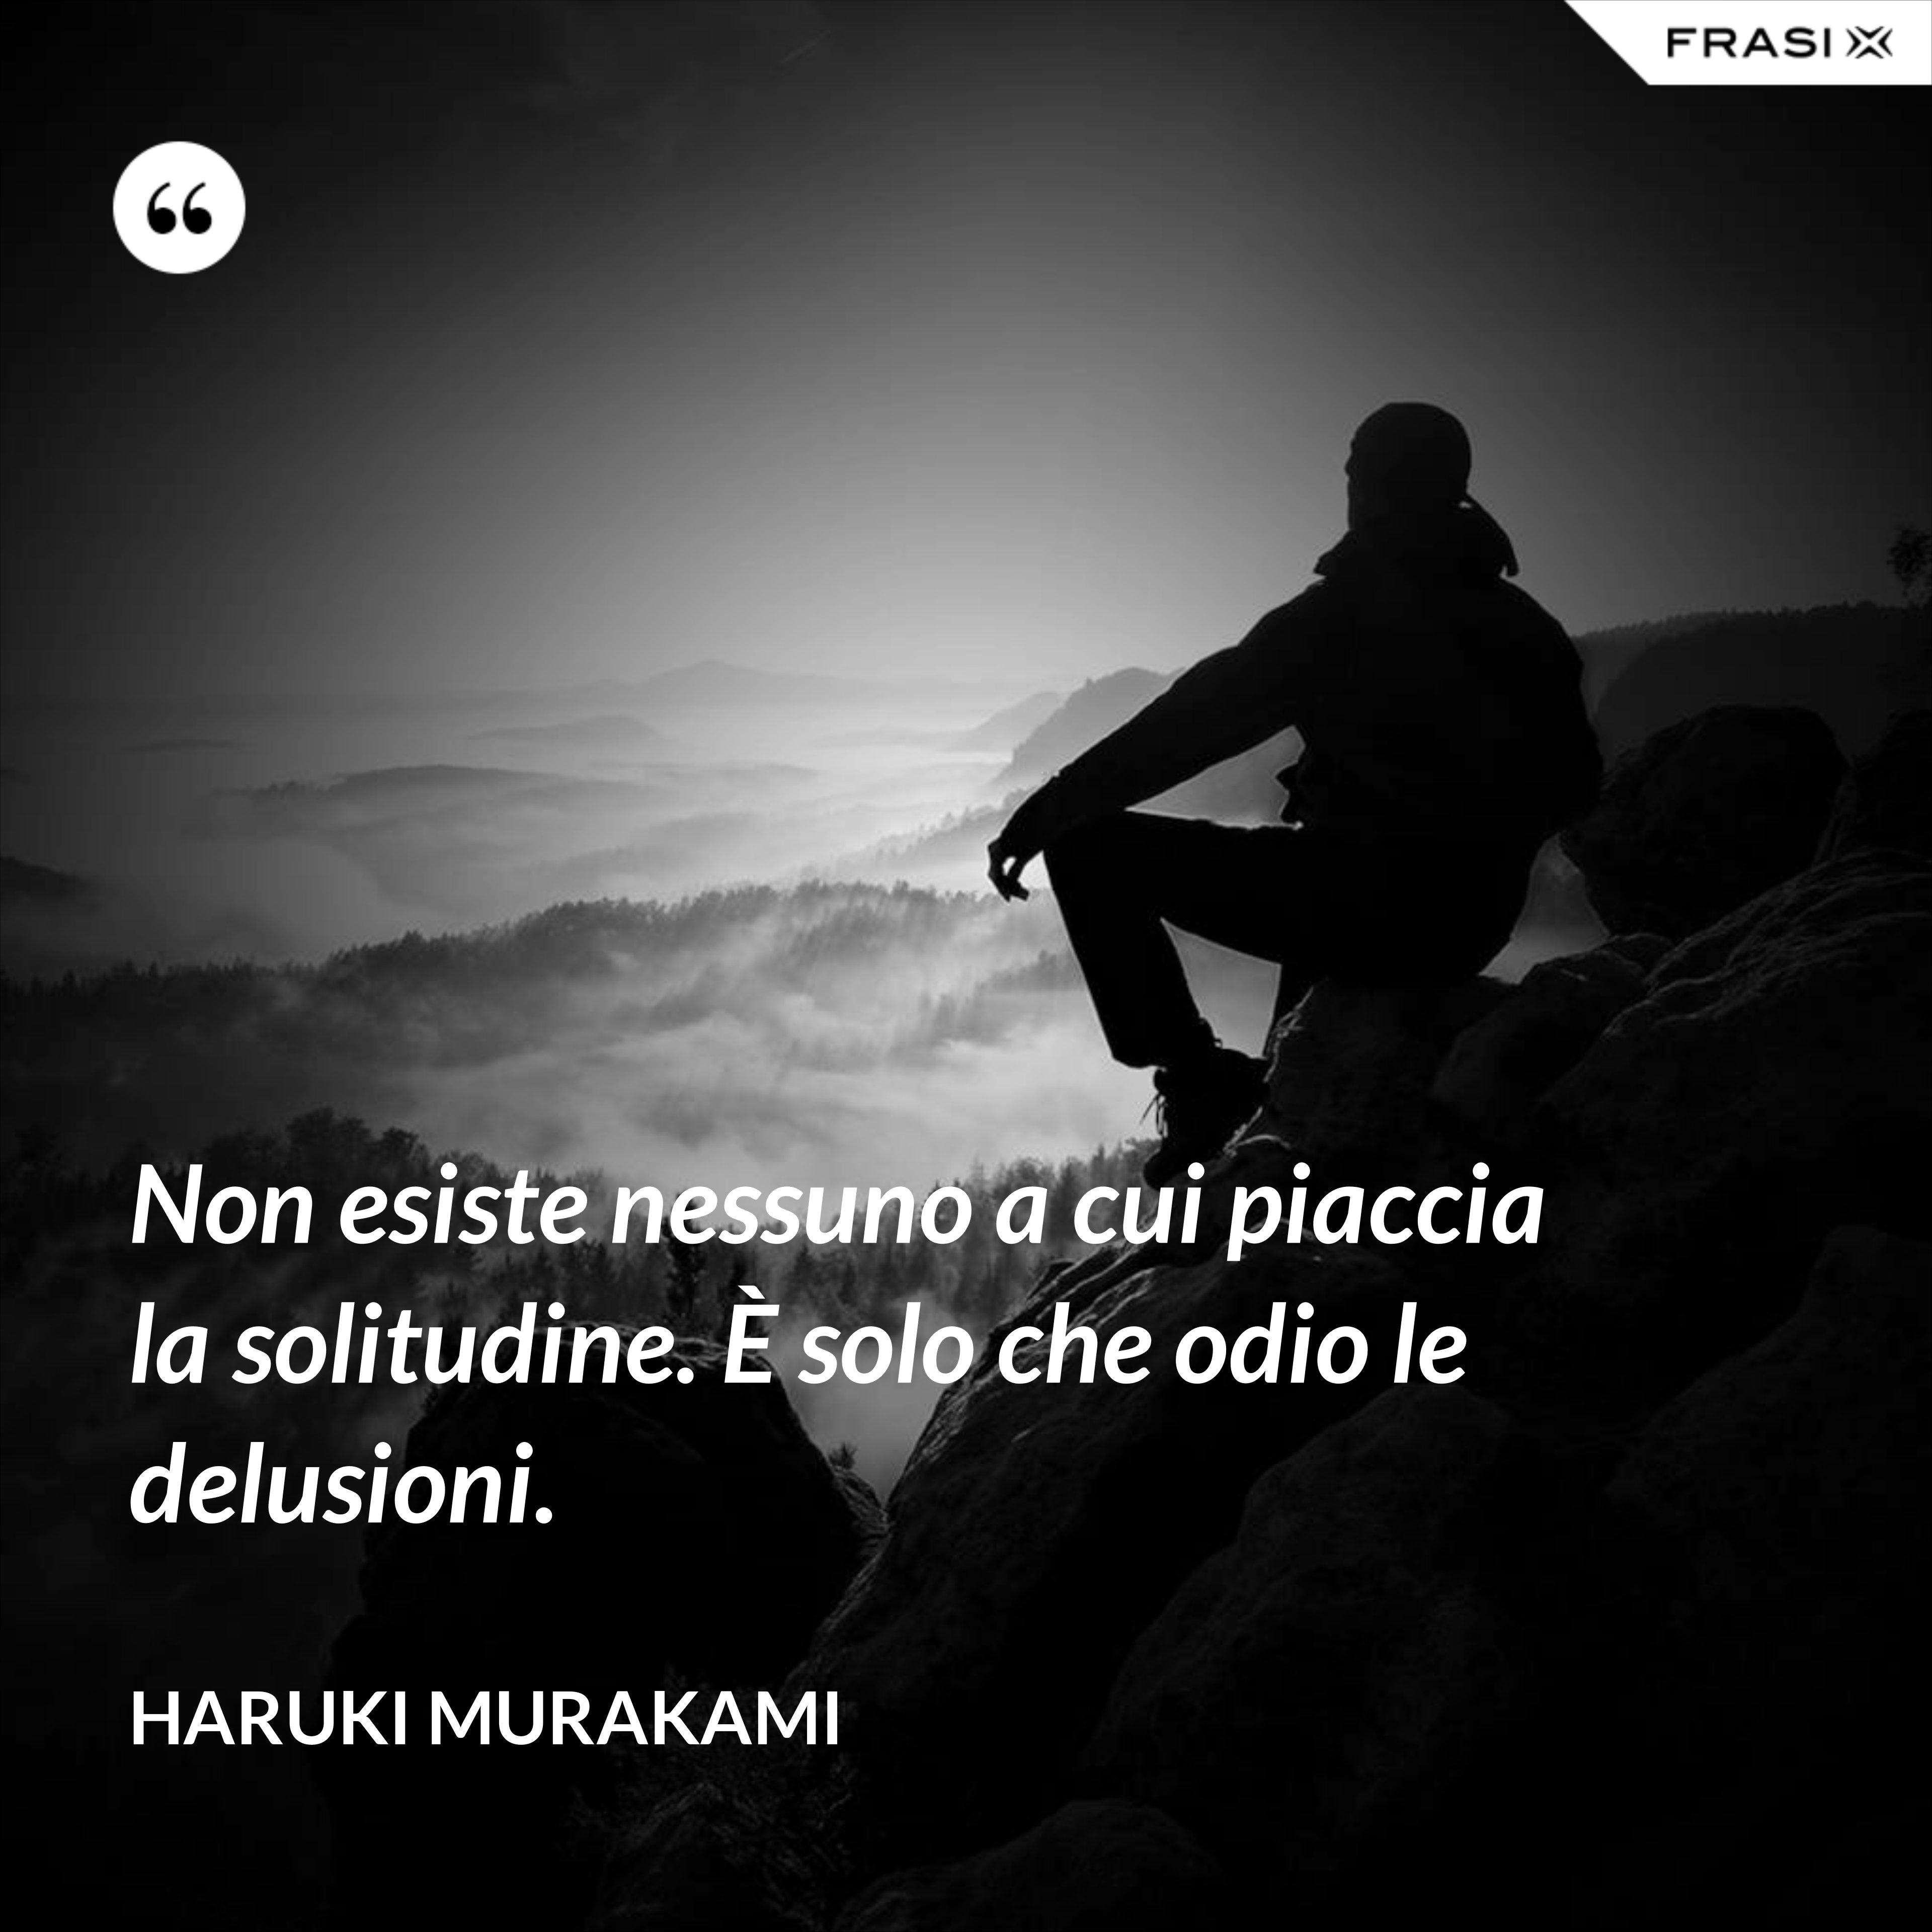 Non esiste nessuno a cui piaccia la solitudine. È solo che odio le delusioni. - Haruki Murakami